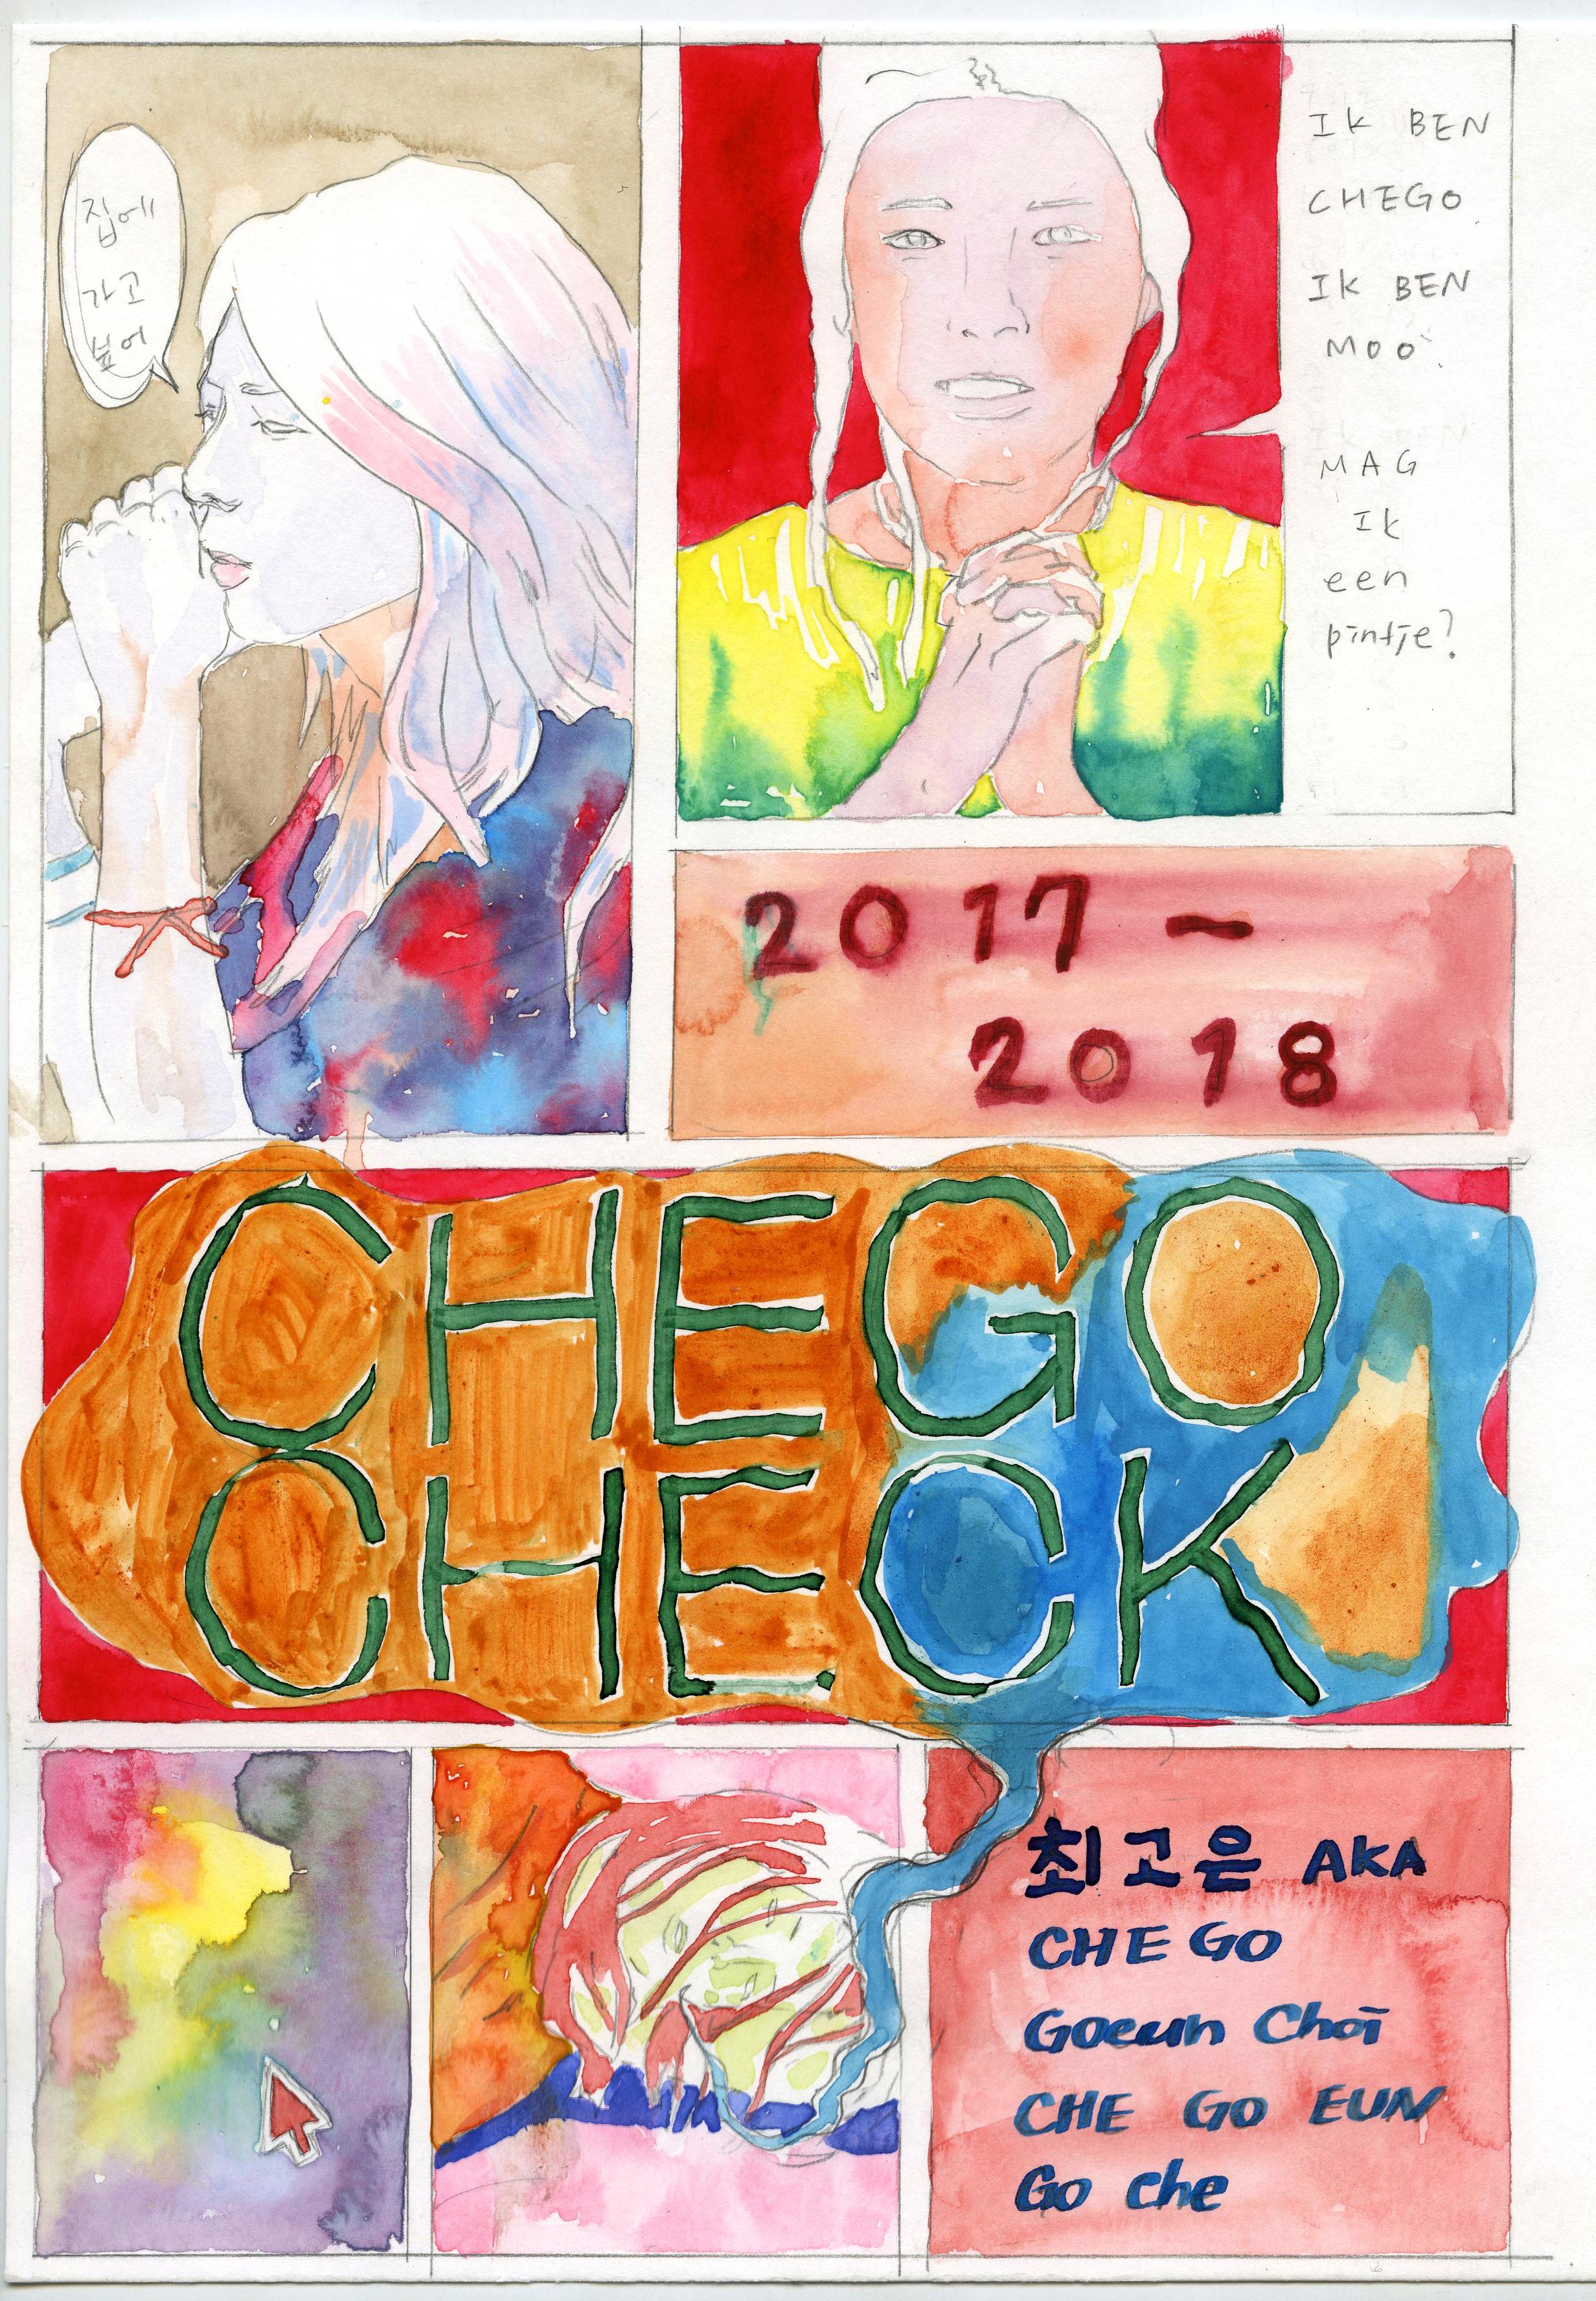 chck_Apr013.jpg